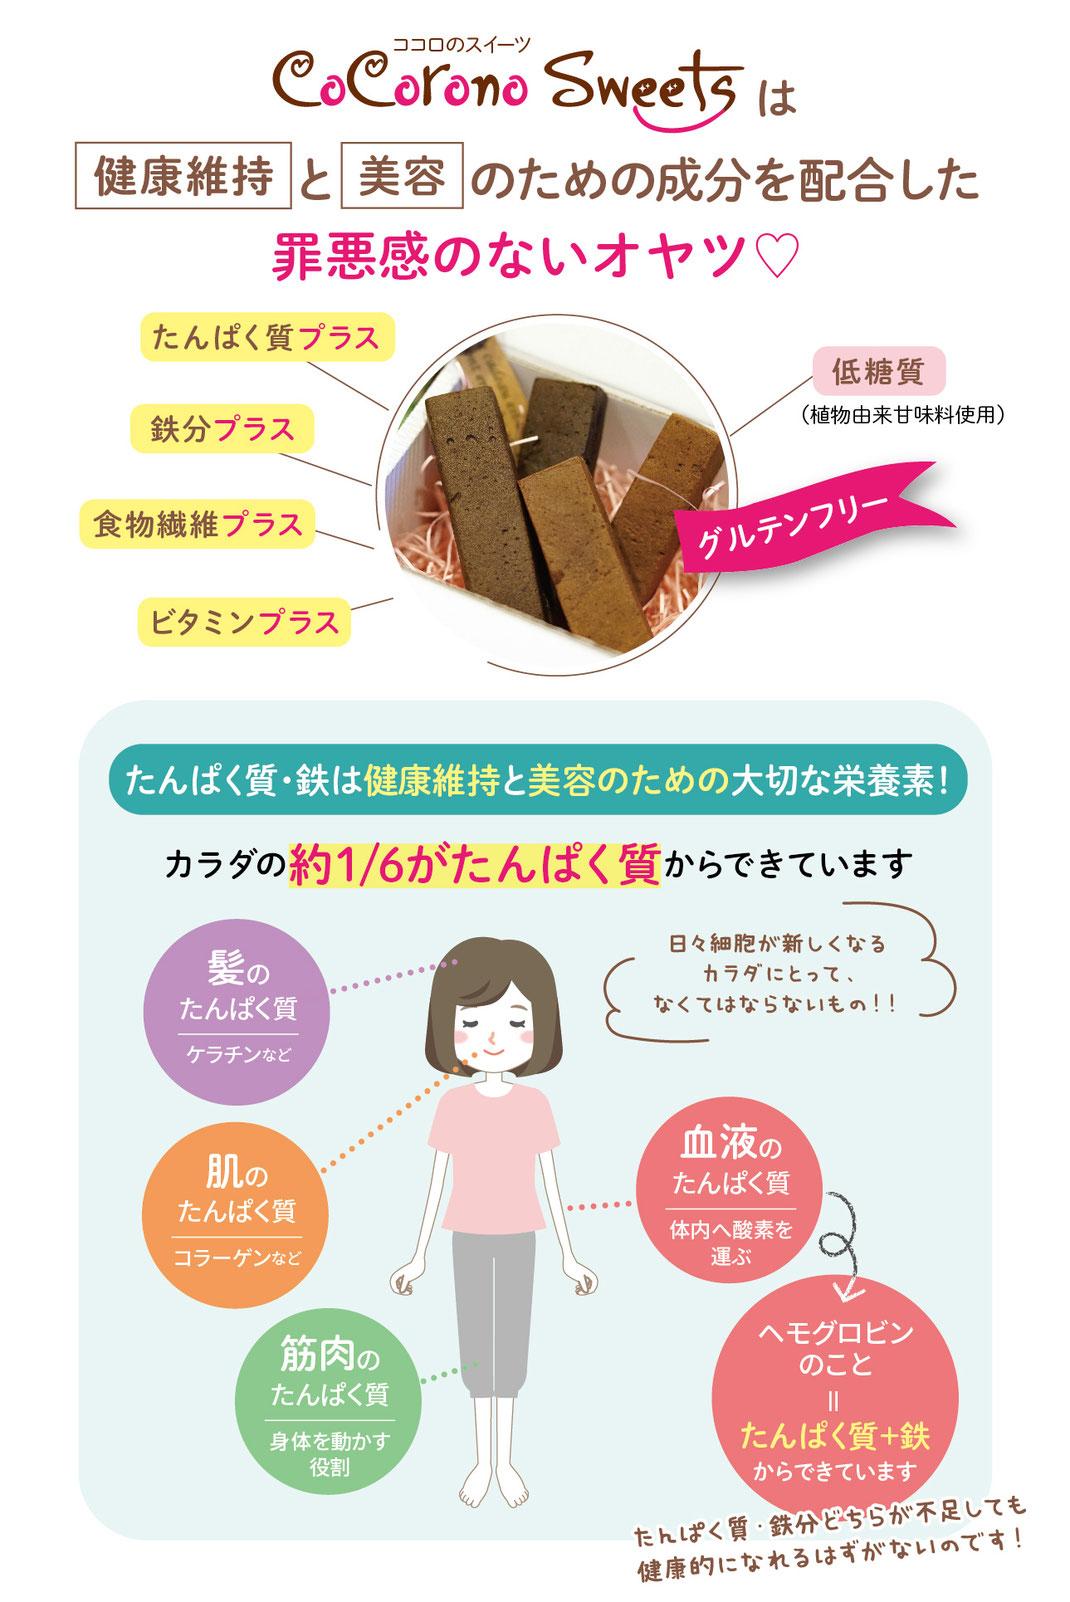 cocorono sweetsは健康維持と美容のための成分を配合した罪悪感のないオヤツ♡